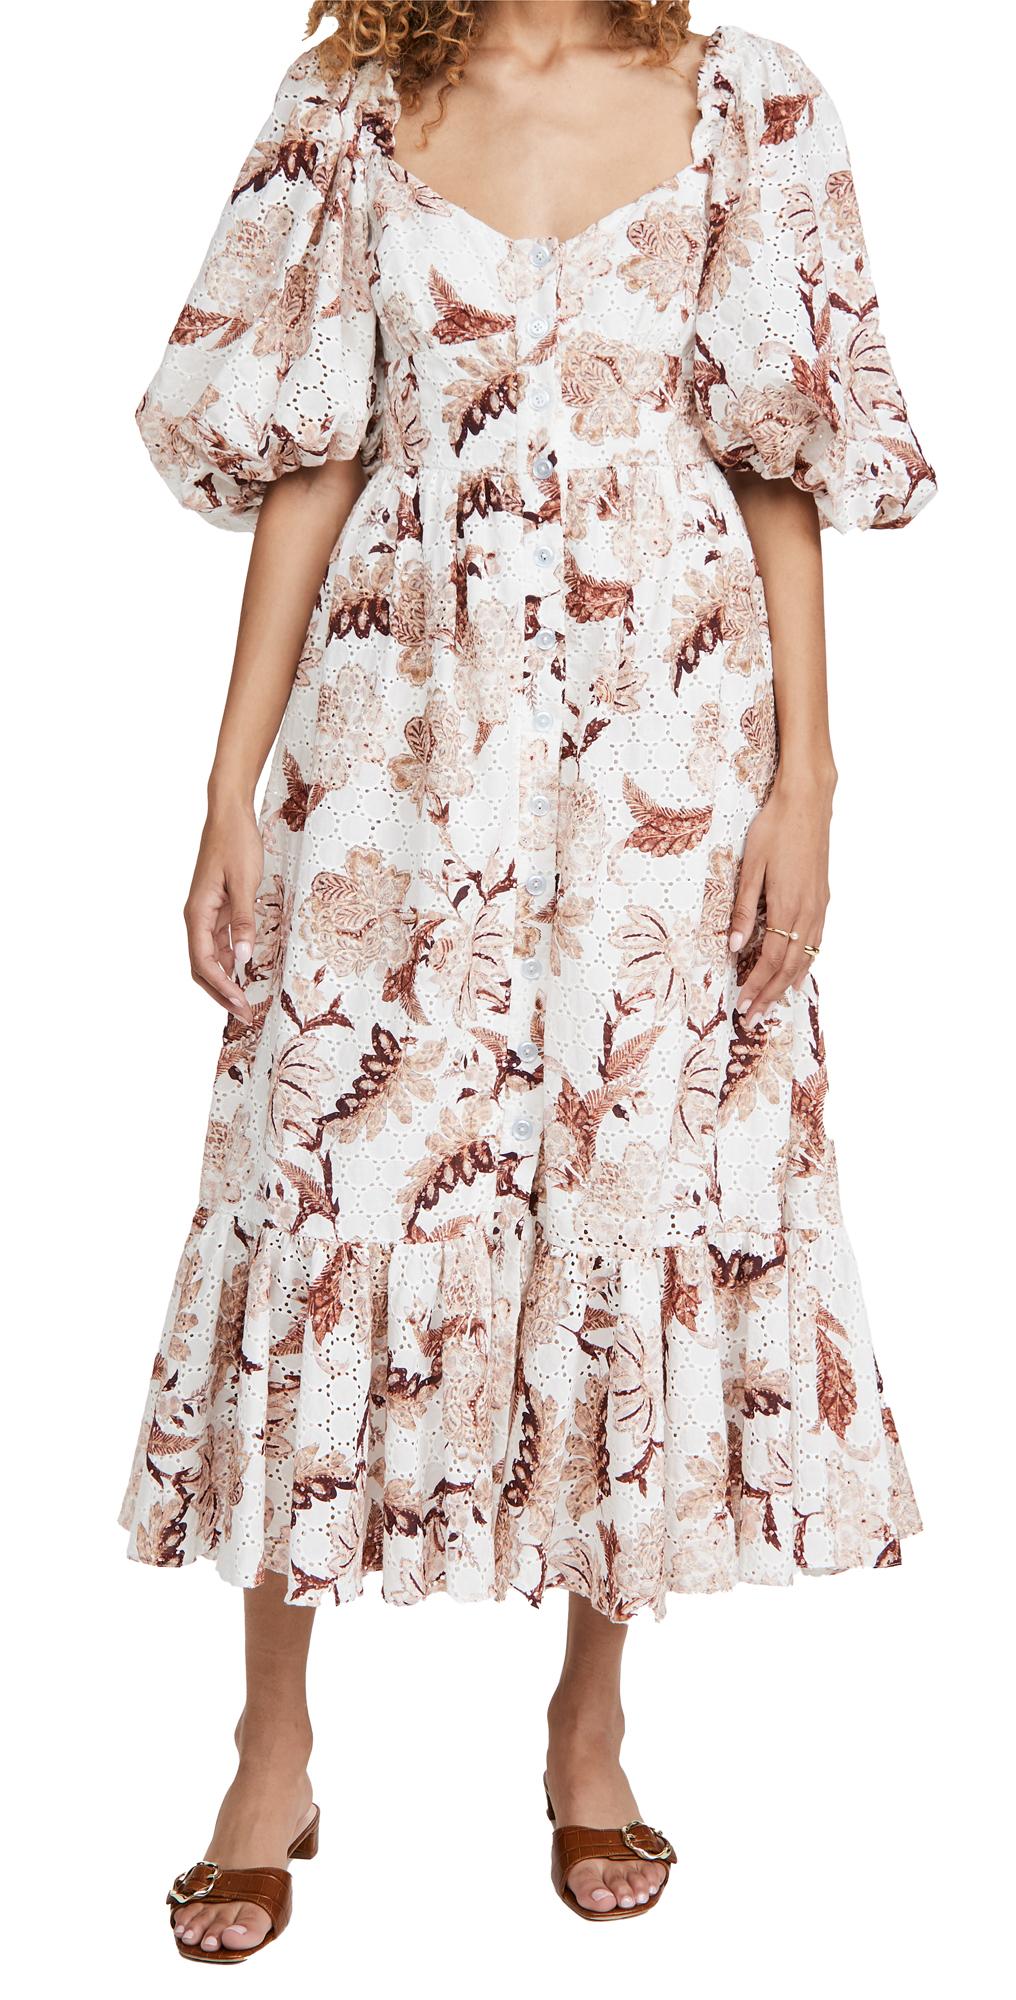 Charina Sarte Caroline Dress